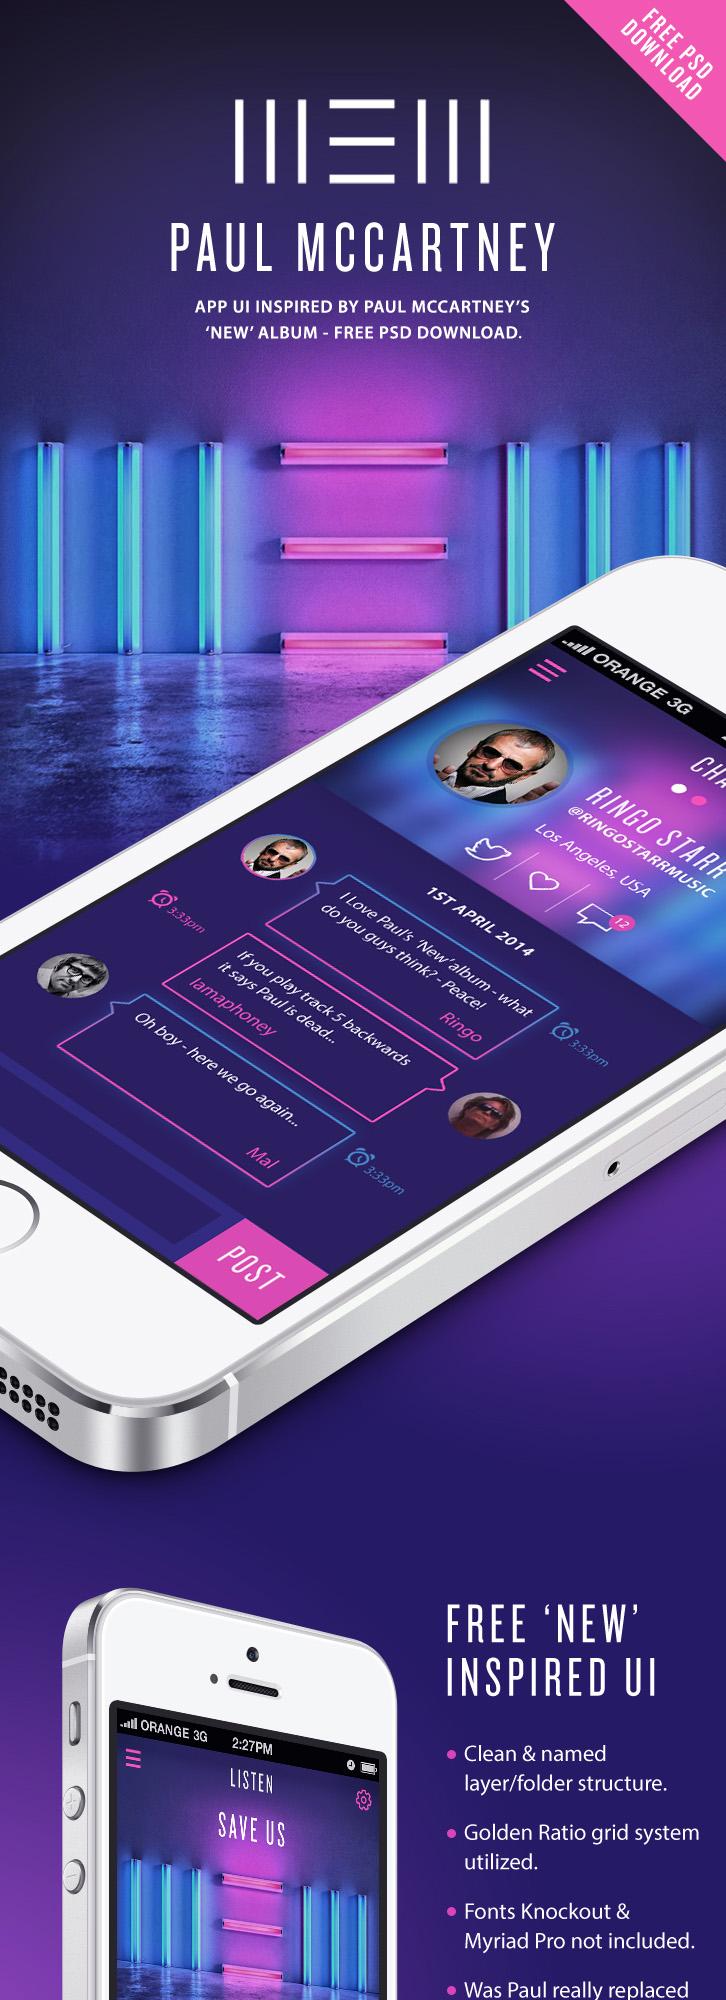 Free App UI PSD